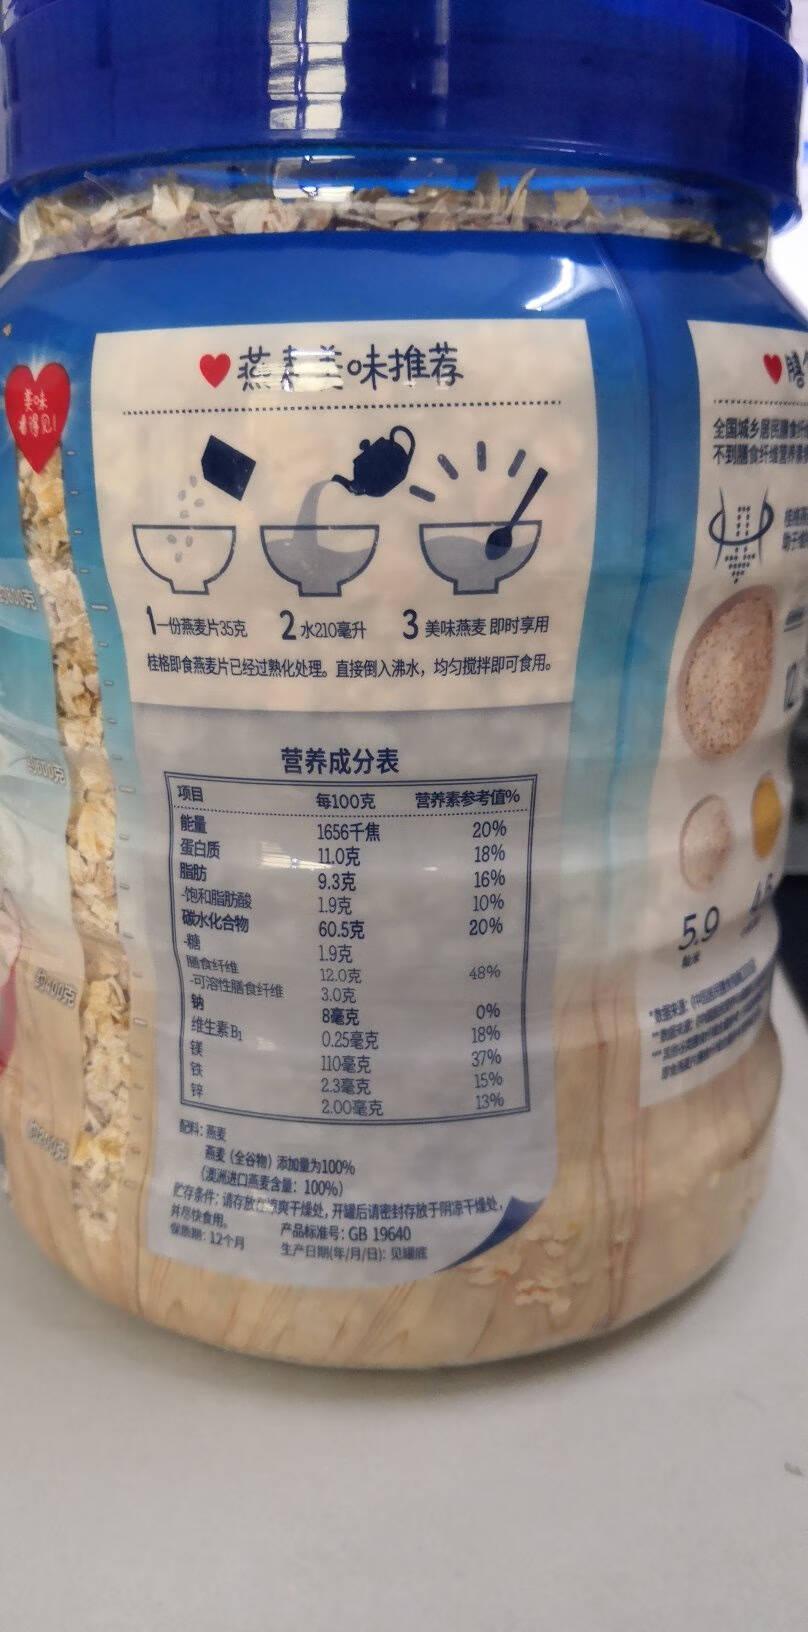 桂格麦果脆果粒多多水果燕麦片375克早餐食品营养代餐健身谷物烘焙零食燕麦片配酸奶更美味